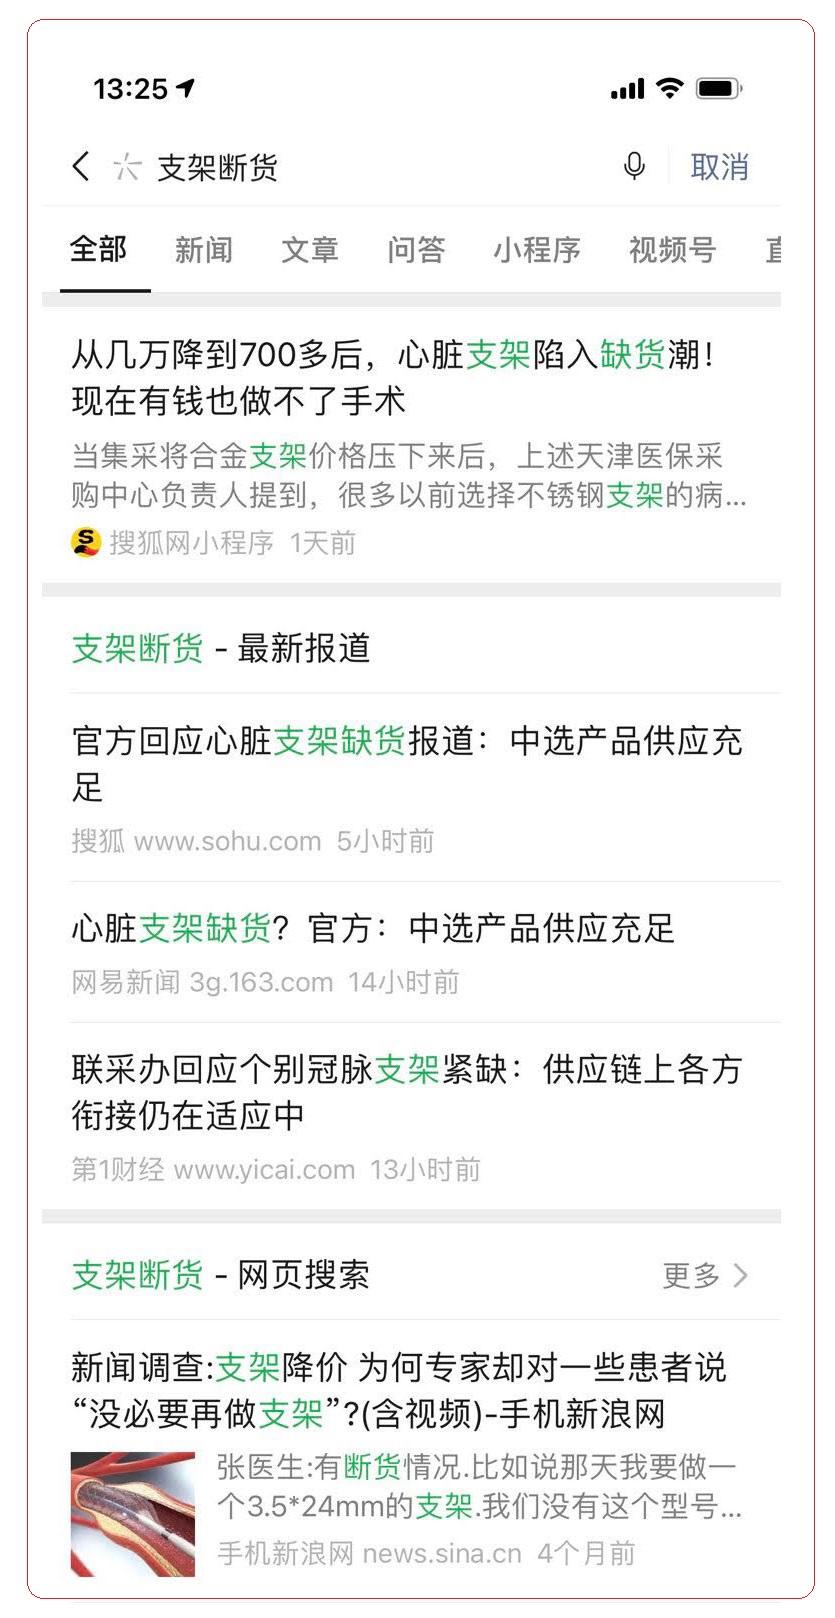 中国心脏支架缺货闹恐慌  官方忙澄清